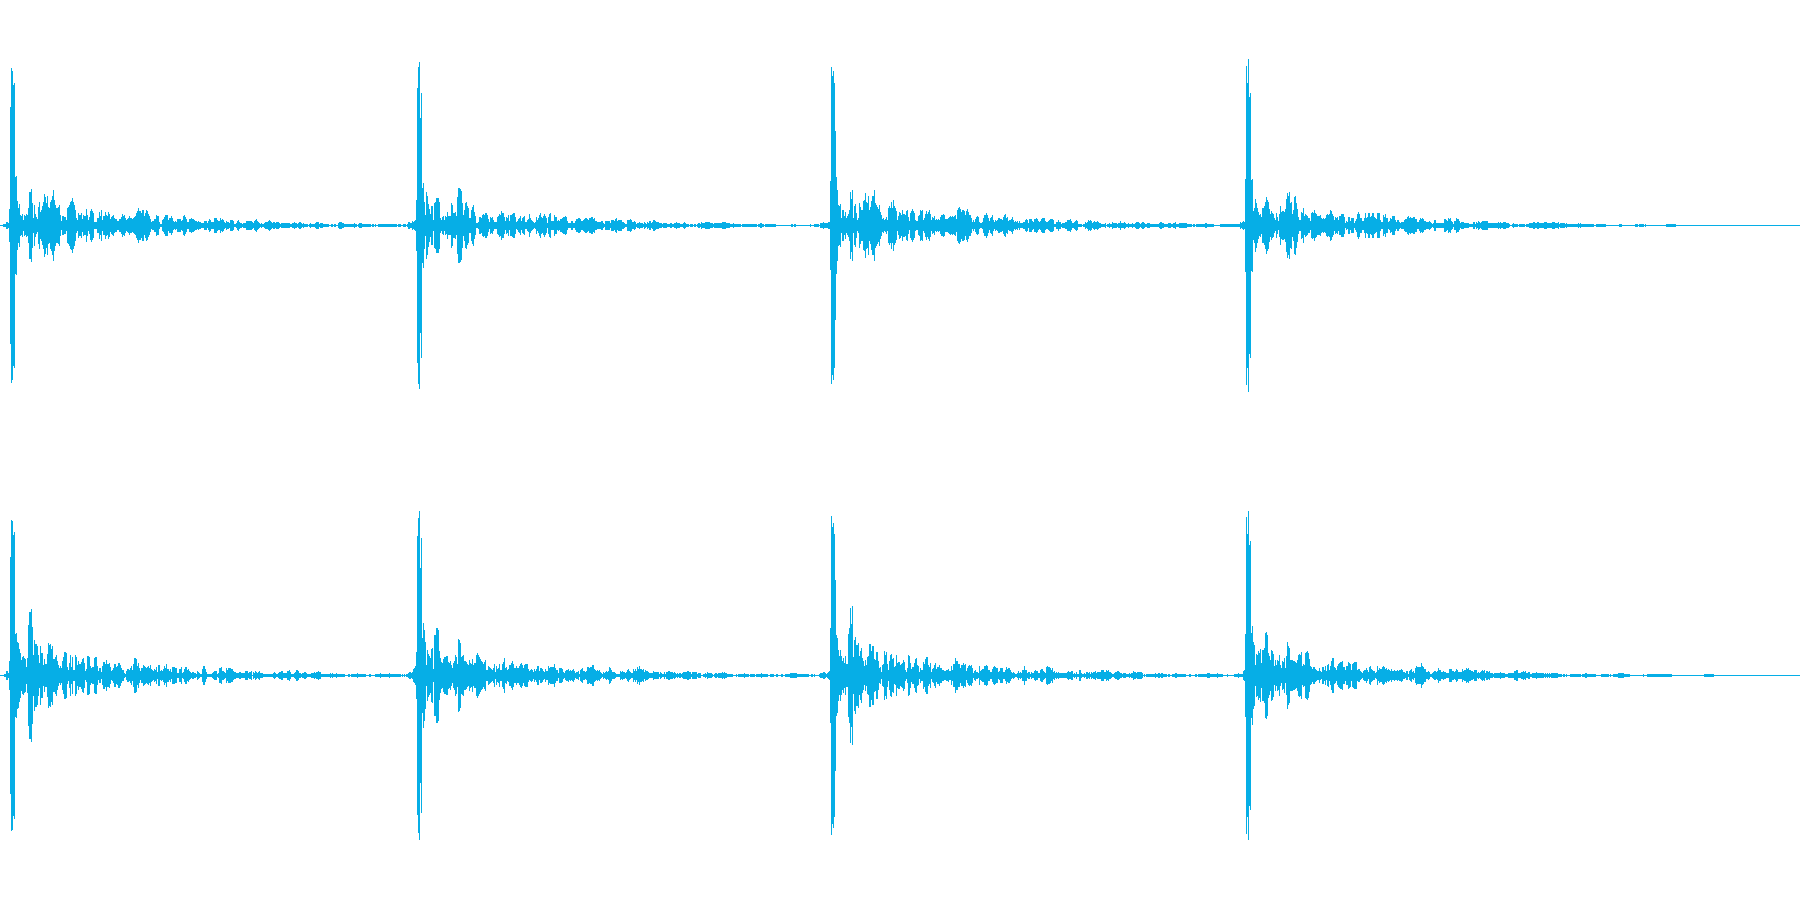 巨大な足音 2の再生済みの波形